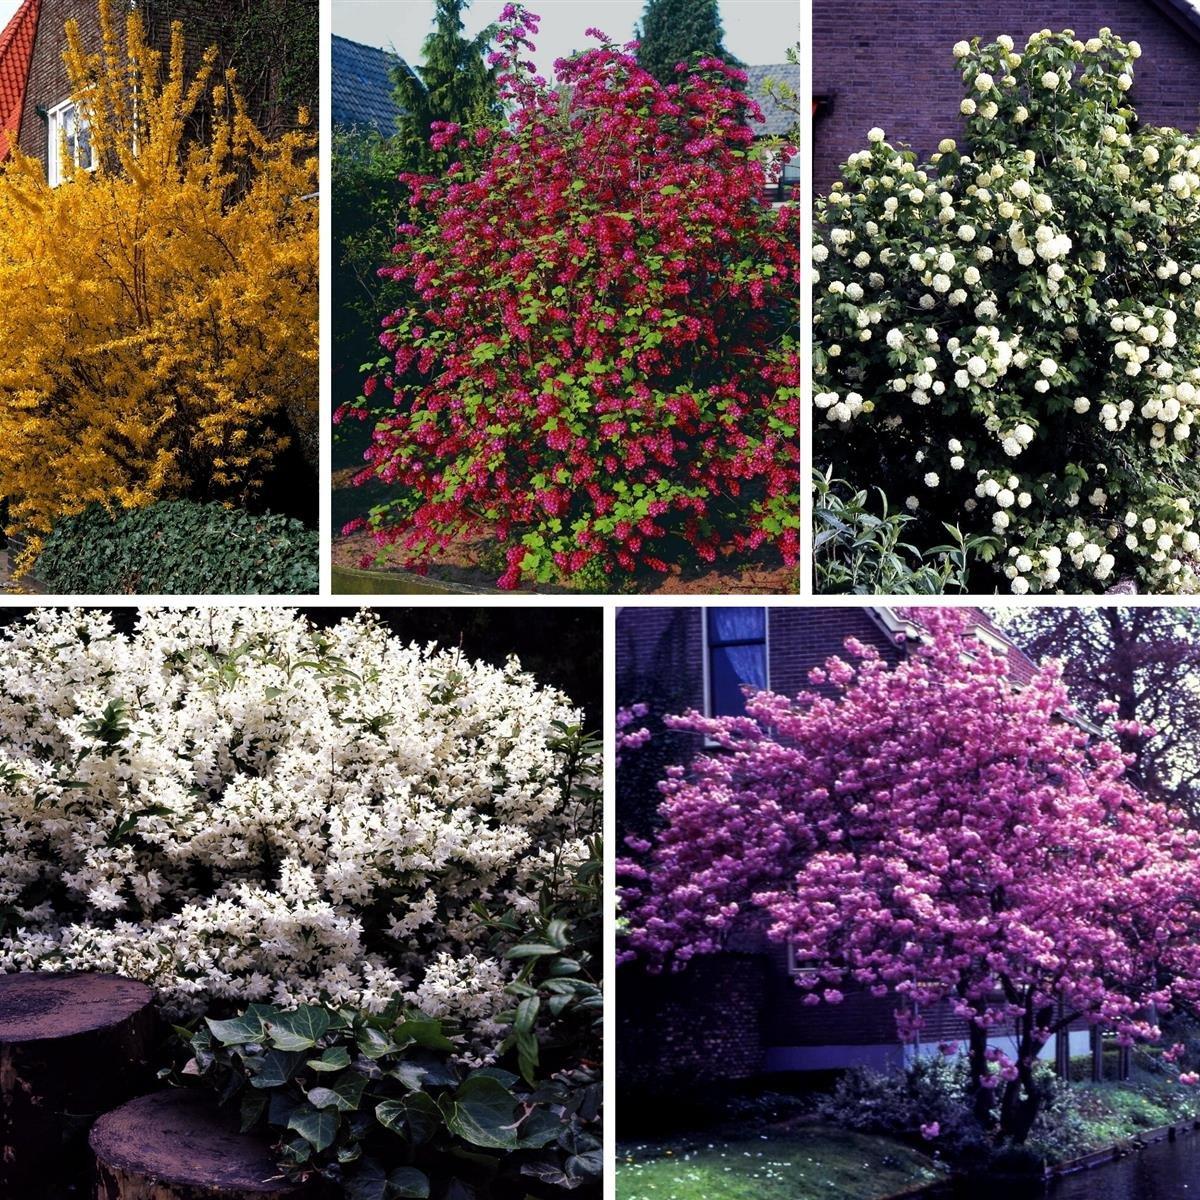 Blütenhecke bestehend aus je 1 Strauch der Sorte Maiblumenstrauch